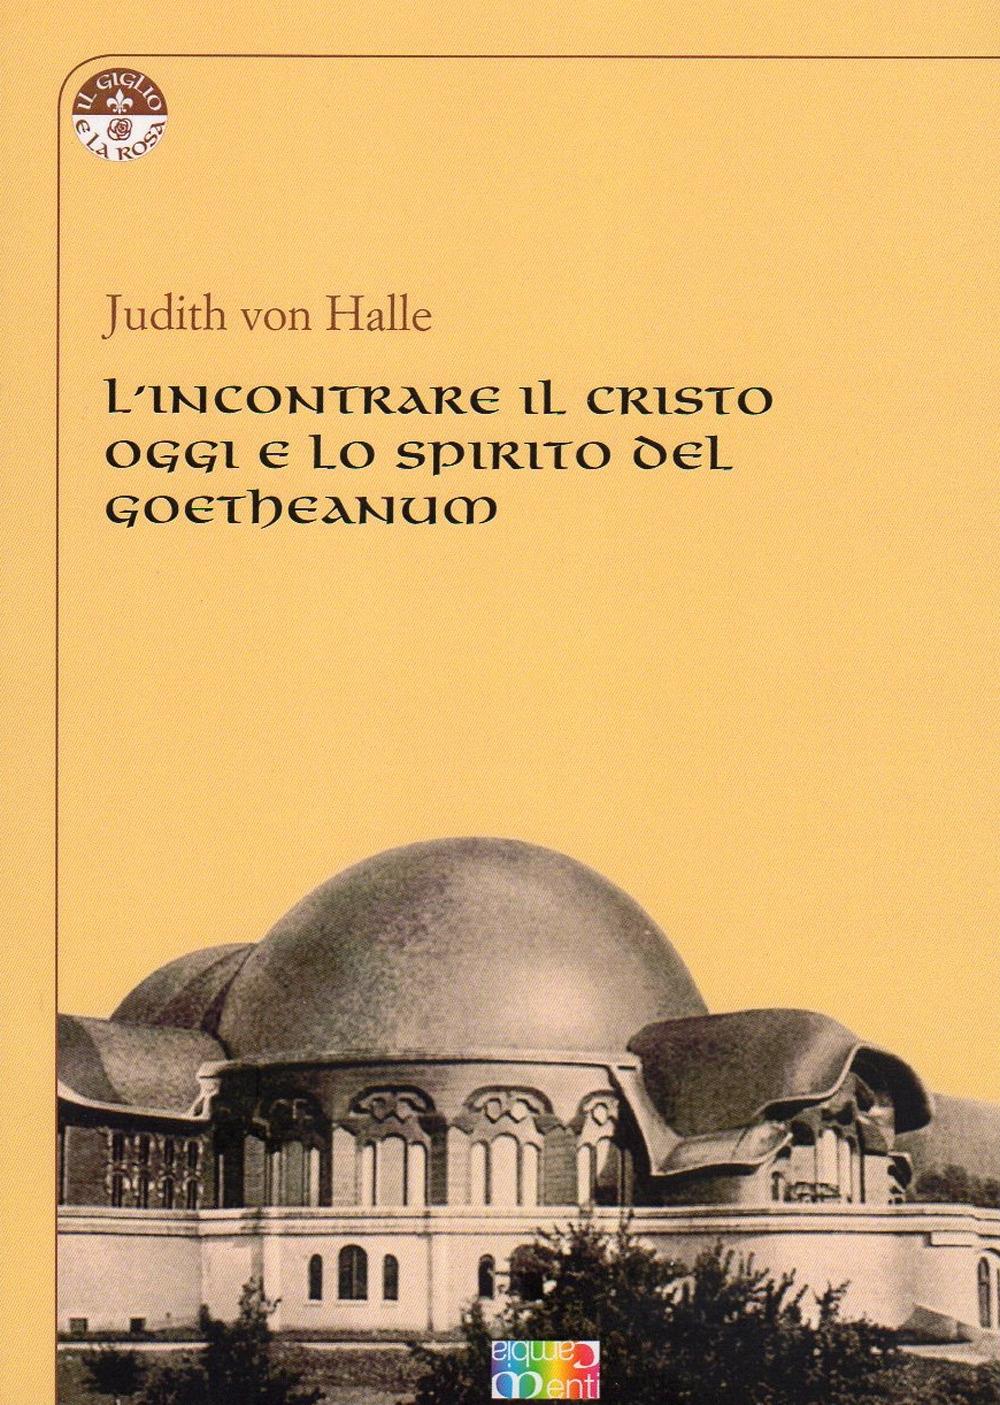 L'incontrare il Cristo oggi e lo spirito del Goetheanum.